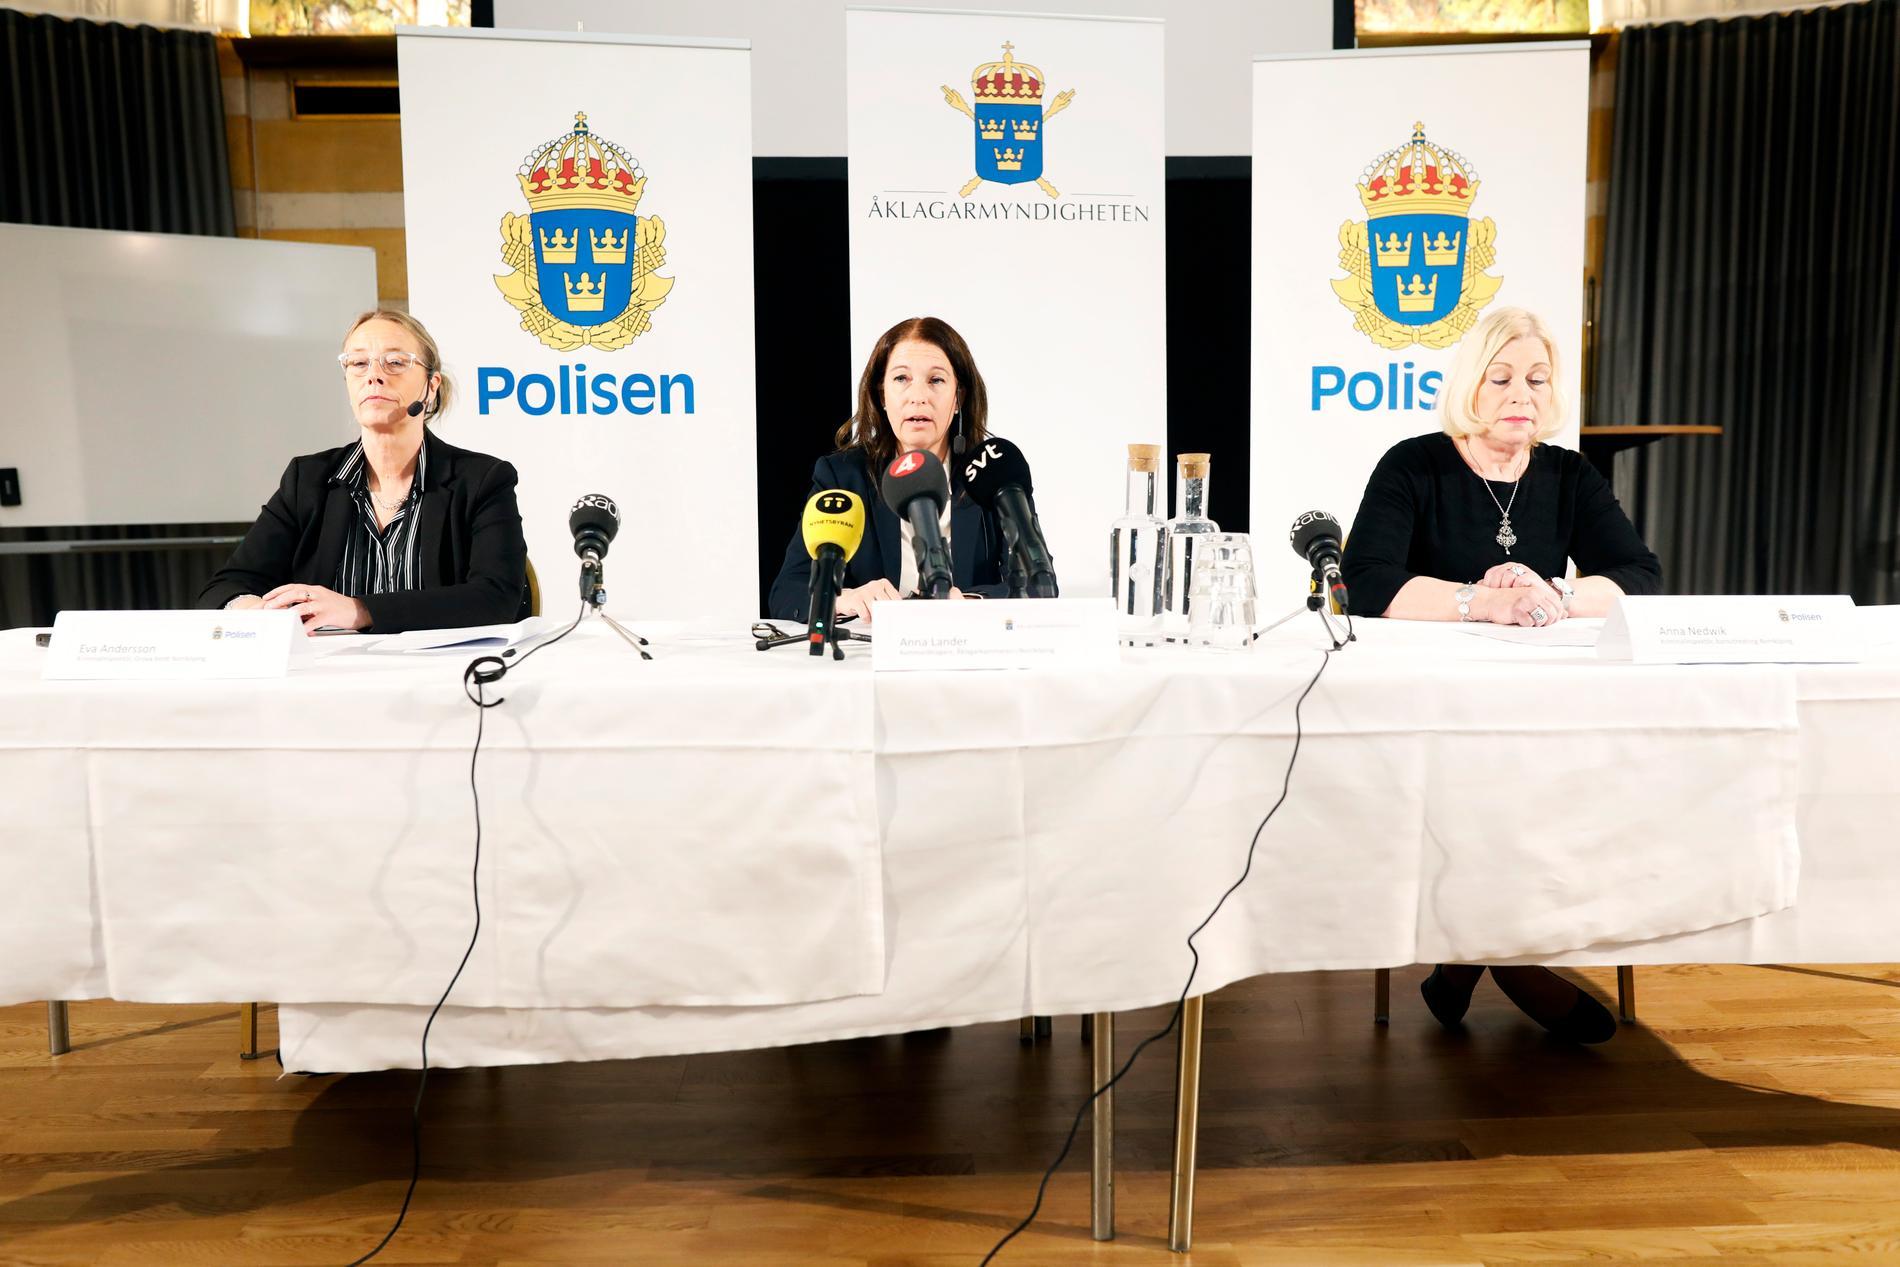 Eva Andersson, kriminalinspektör på grova brott, Anna Lander, kammaråklagare, samt kriminalinspektör Anna Nedwik, vid dagens pressträff i Norrköping.